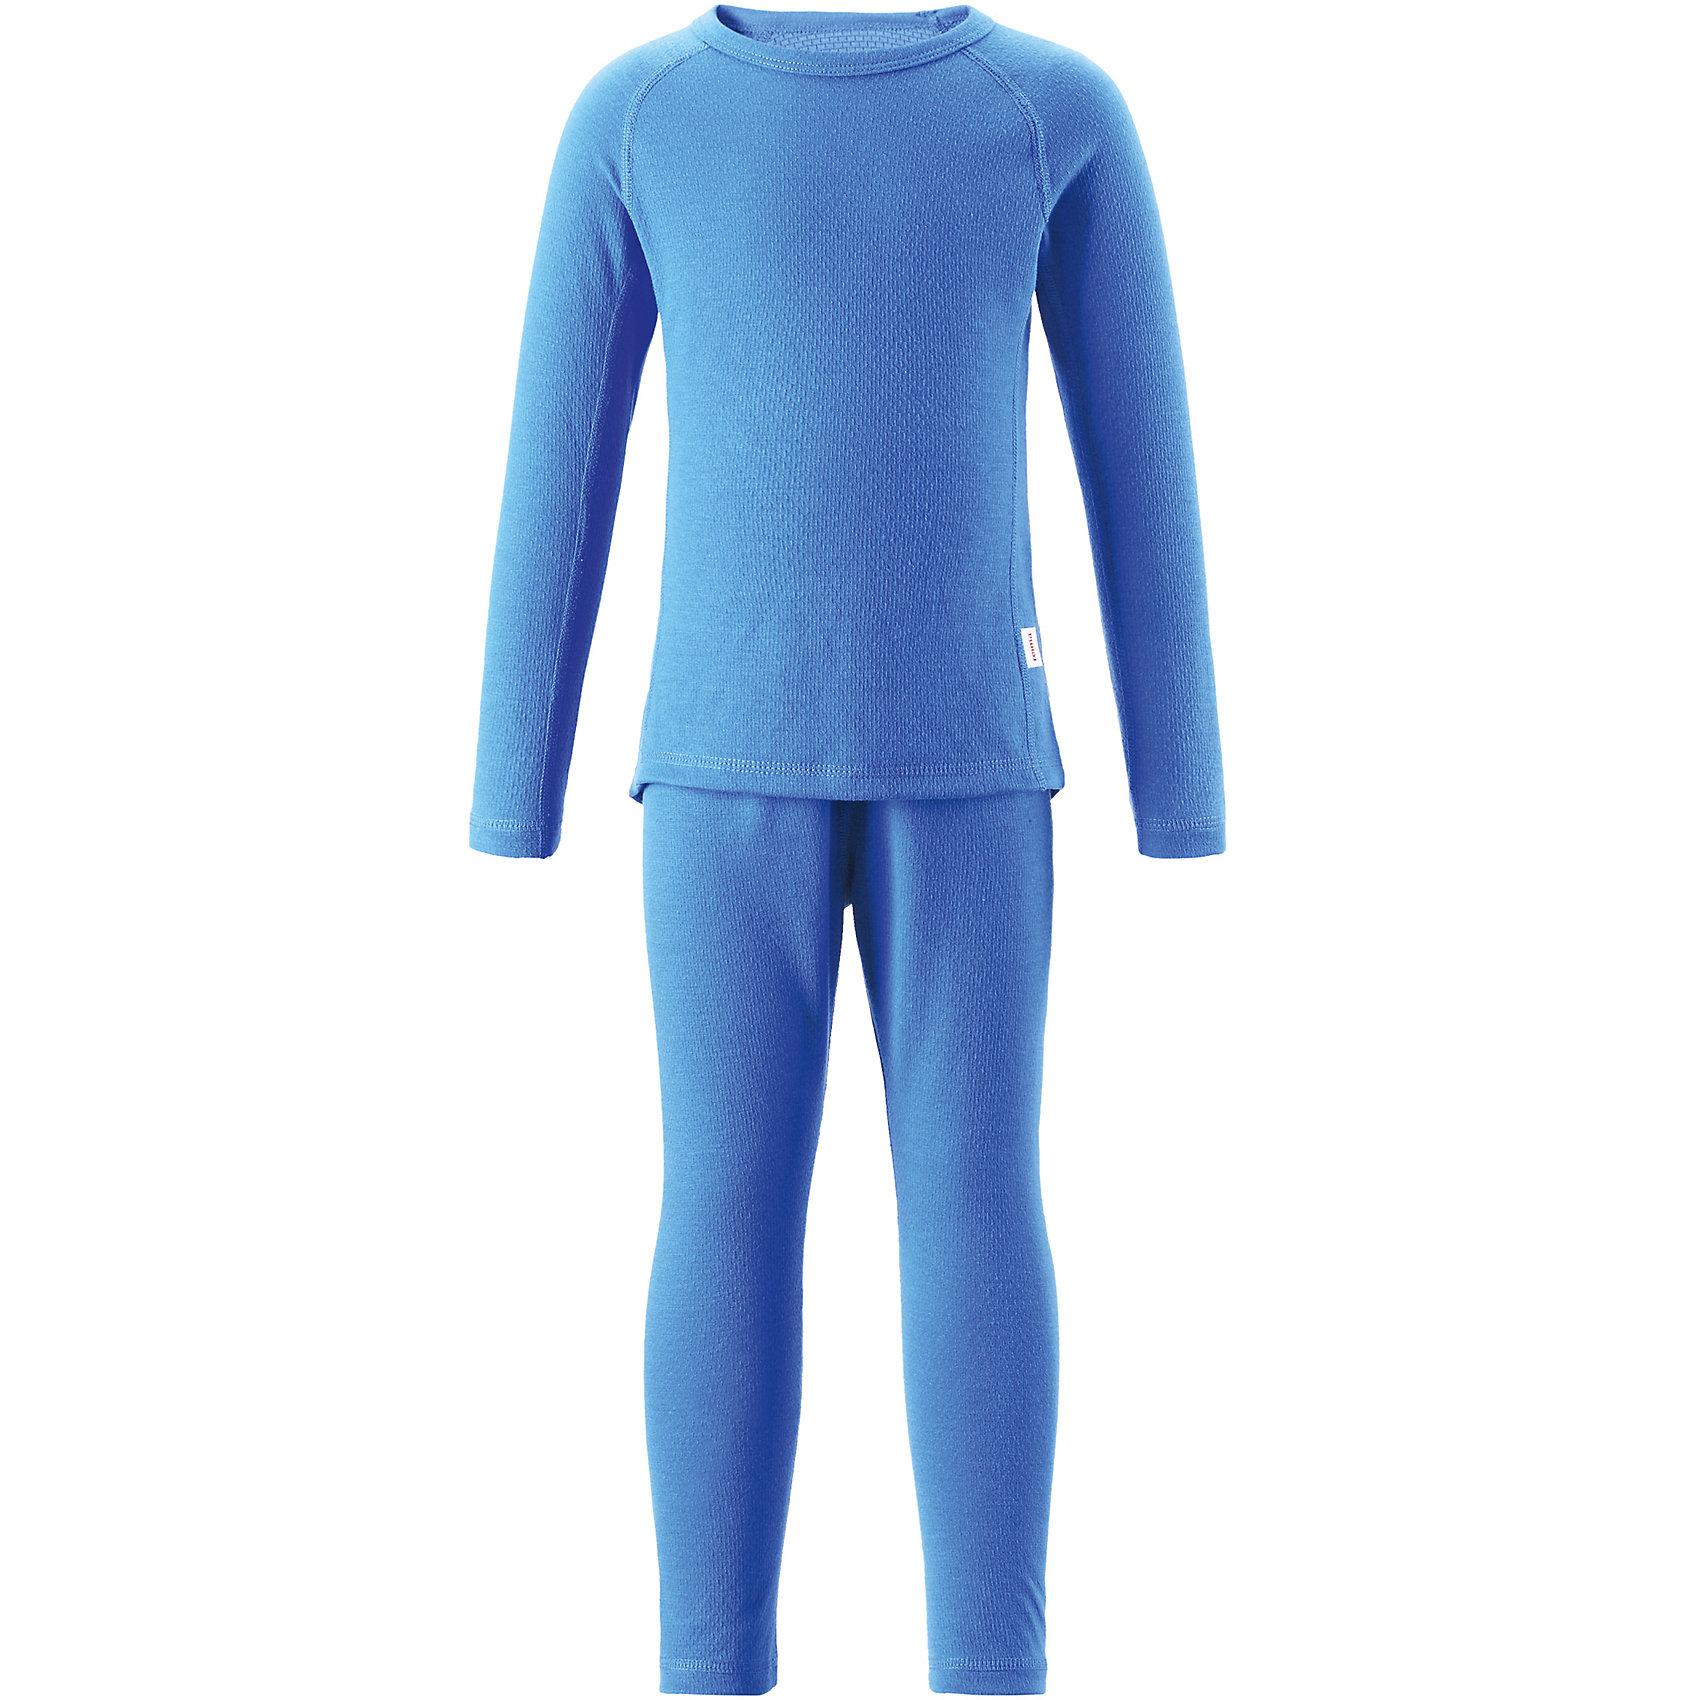 Термобелье Lani для мальчика ReimaФлис и термобелье<br>Термобелье для мальчика Reima.<br>Комплект базового слоя для подростков. Теплый материал Thermolite отводит влагу и сохраняет кожу сухой и приятной, создавая чувство комфорта. Быстро сохнет и сохраняет тепло. Мягкие плоские швы для дополнительного комфорта: не раздражает кожу. Удлиненный подол сзади.<br>Уход:<br>Стирать с бельем одинакового цвета, вывернув наизнанку. Стирать моющим средством, не содержащим отбеливающие вещества. Полоскать без специального средства. Придать первоначальную форму вo влажном виде. Сушить при низкой температуре. <br>Состав:<br>43% полиэстер THERMOLITE®, 53% полиэстер, 4% sorona<br><br>Ширина мм: 215<br>Глубина мм: 88<br>Высота мм: 191<br>Вес г: 336<br>Цвет: голубой<br>Возраст от месяцев: 72<br>Возраст до месяцев: 84<br>Пол: Мужской<br>Возраст: Детский<br>Размер: 120,140,160,150,90,100,110,130,80<br>SKU: 4775020